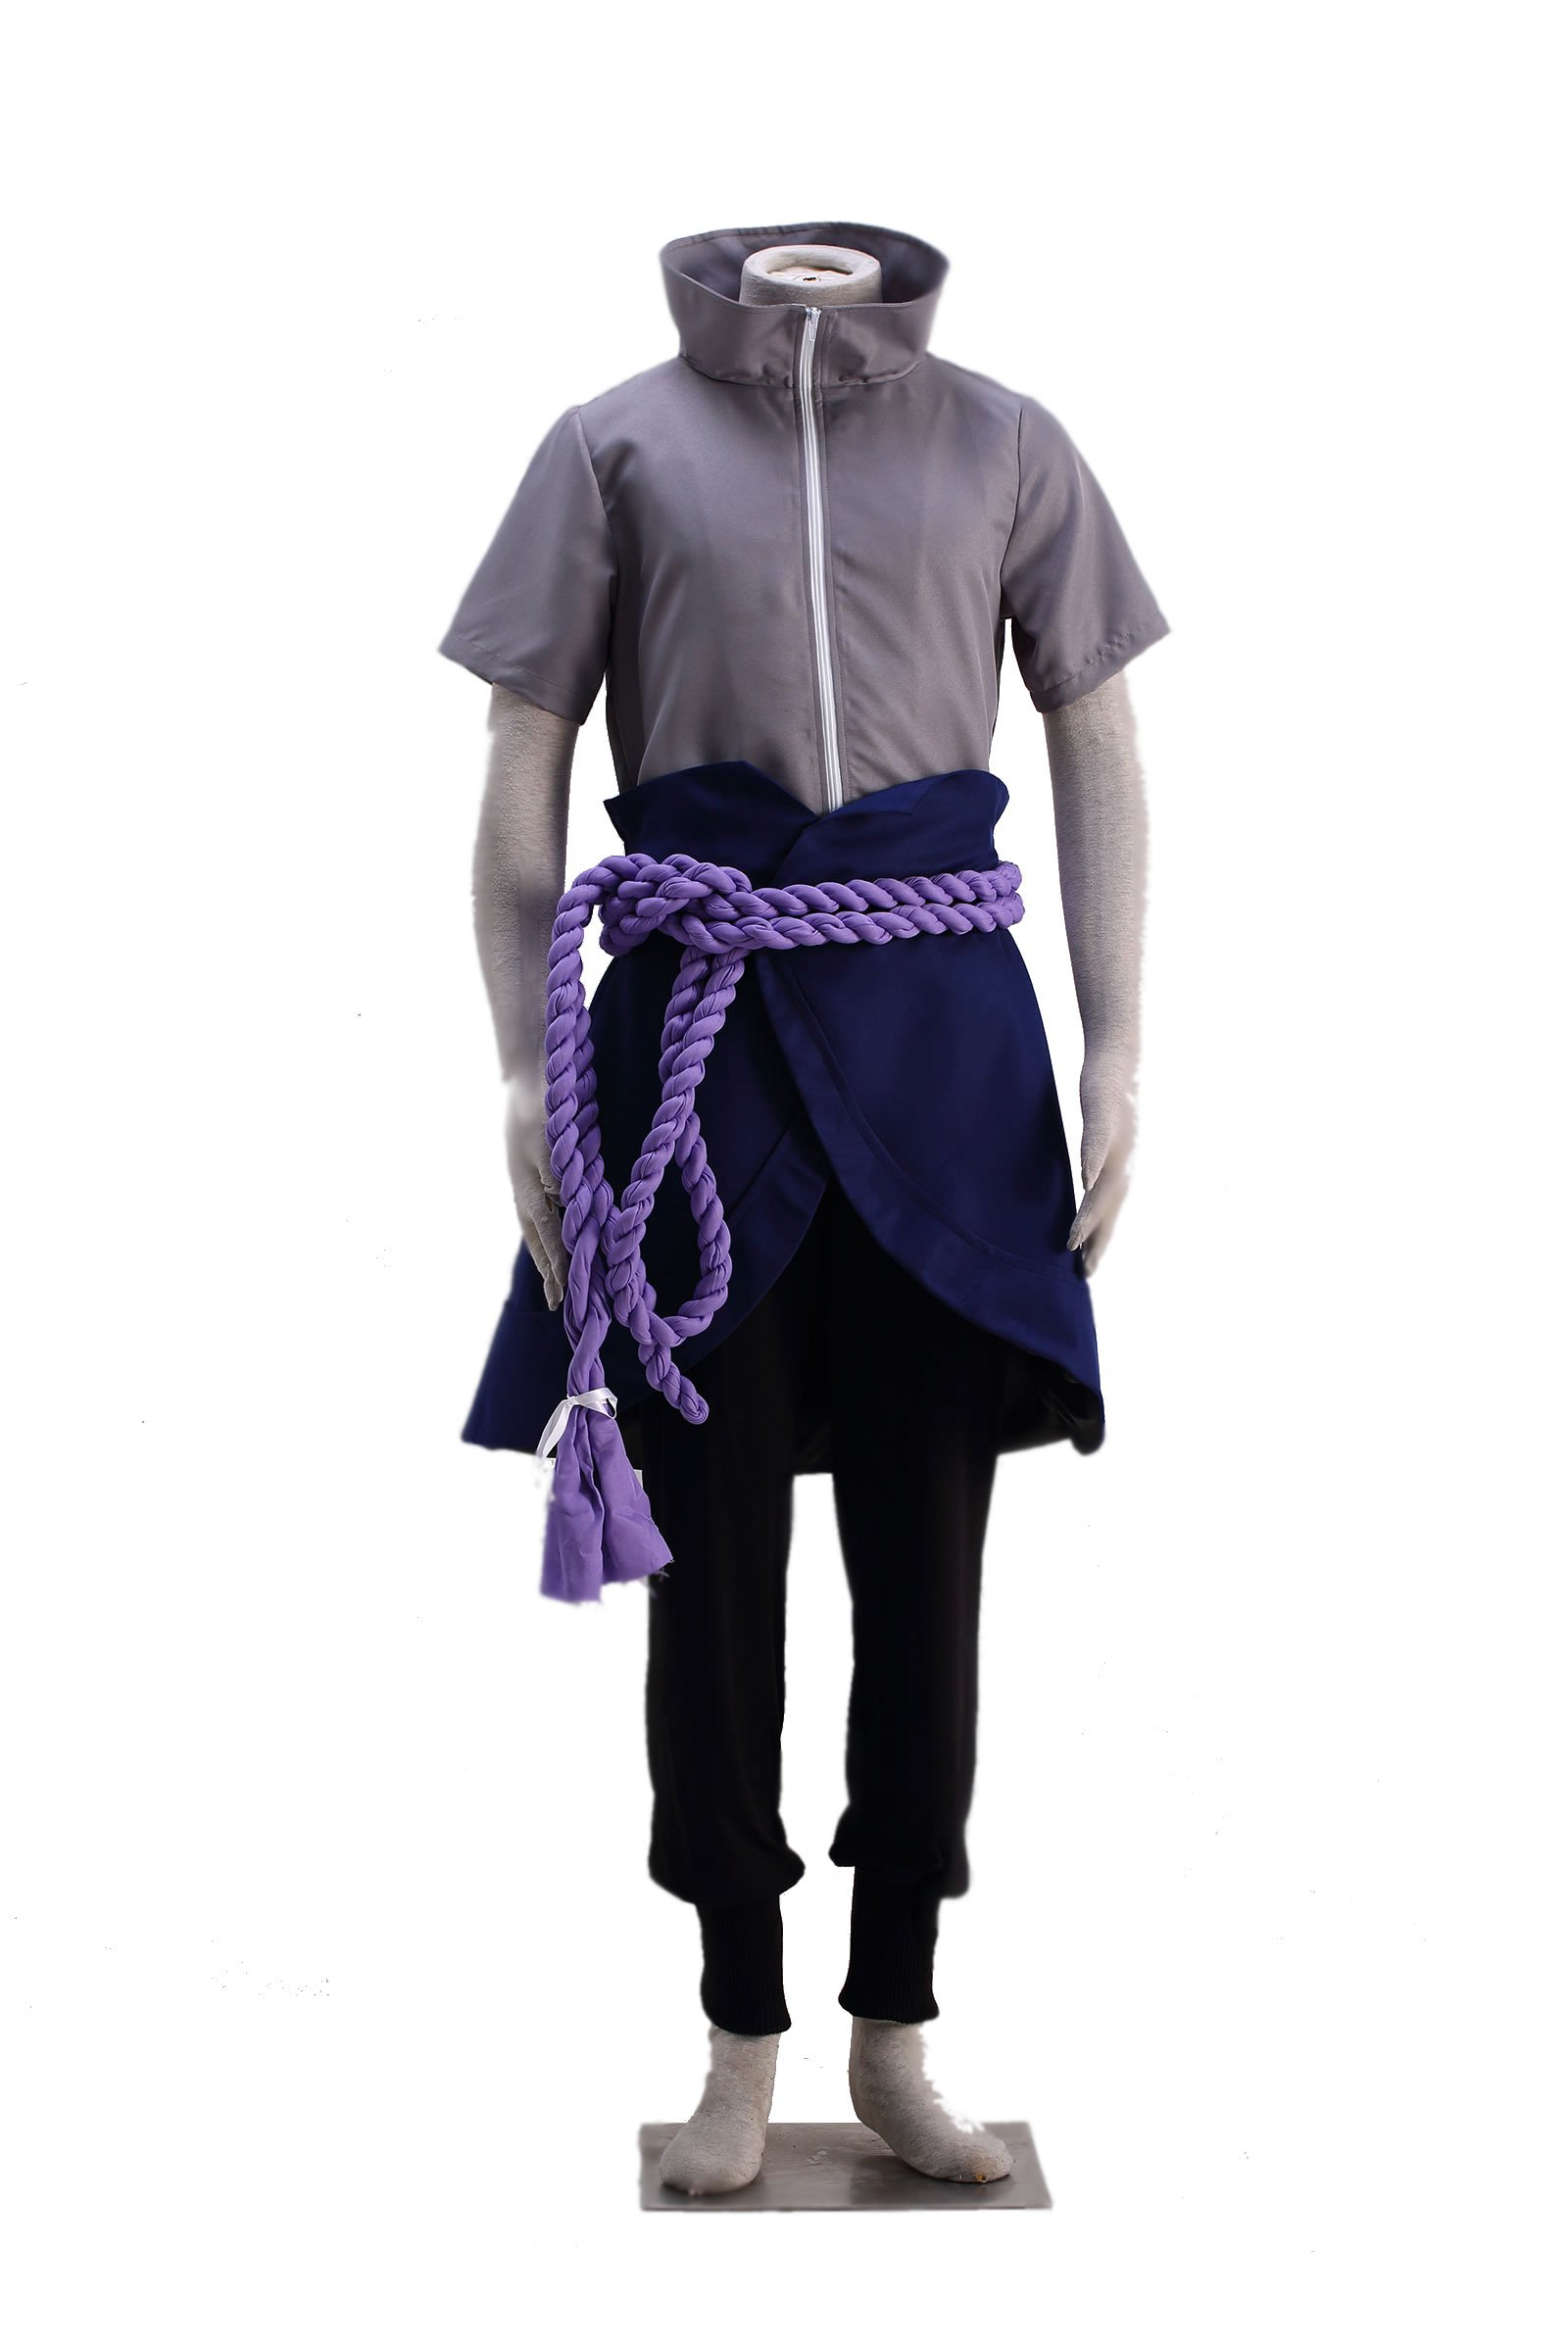 OURCOSPLAY Naruto Uchiha Sasuke Men's Cosplay Costume 5Pcs (Men M)